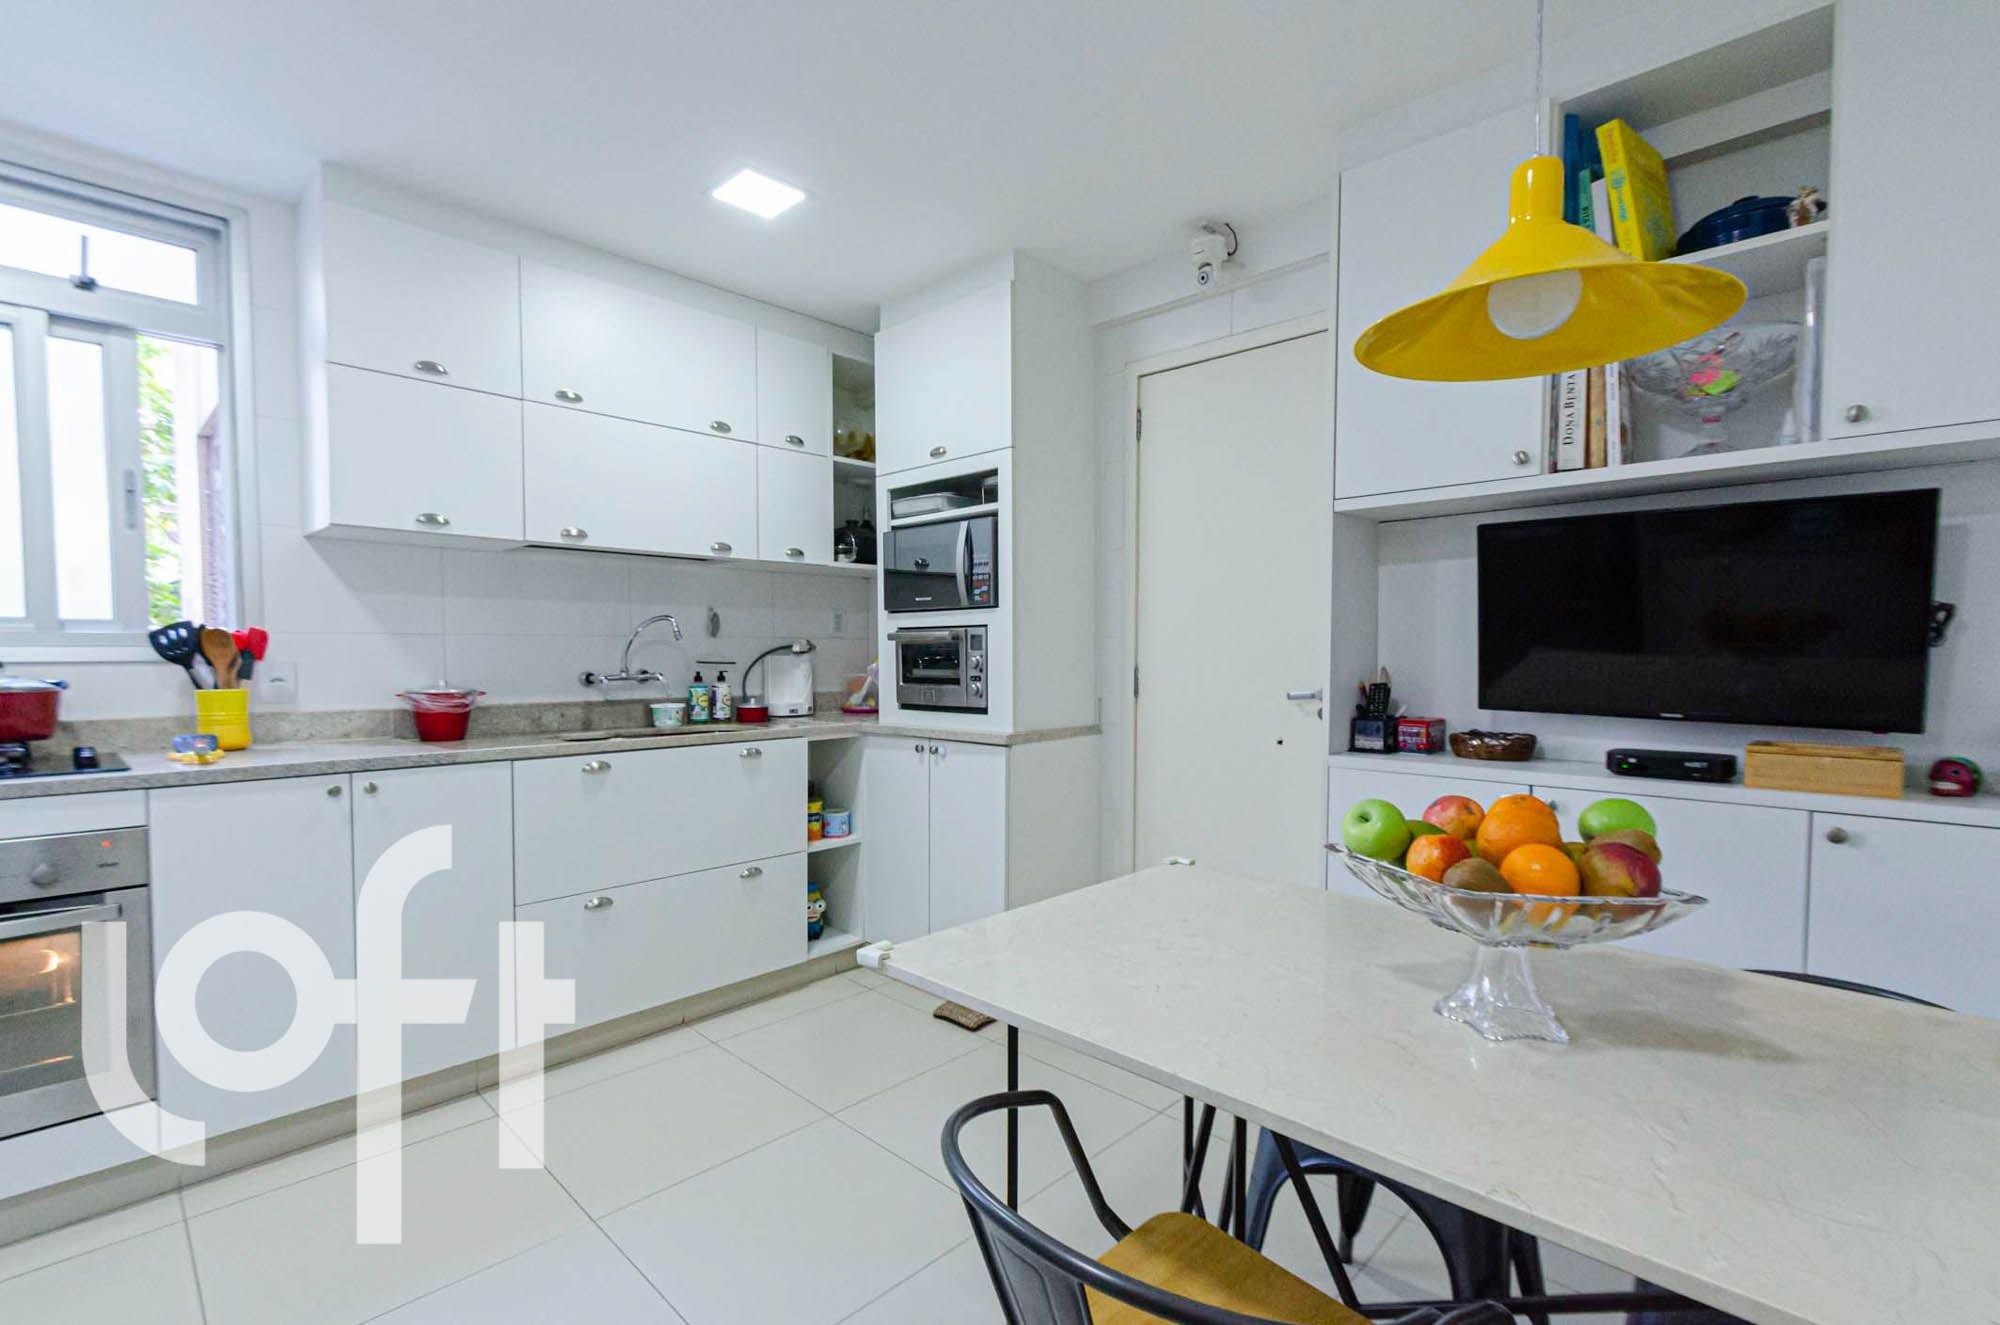 Foto de Cozinha com maçã, forno, cadeira, mesa de jantar, colher, garrafa, tigela, microondas